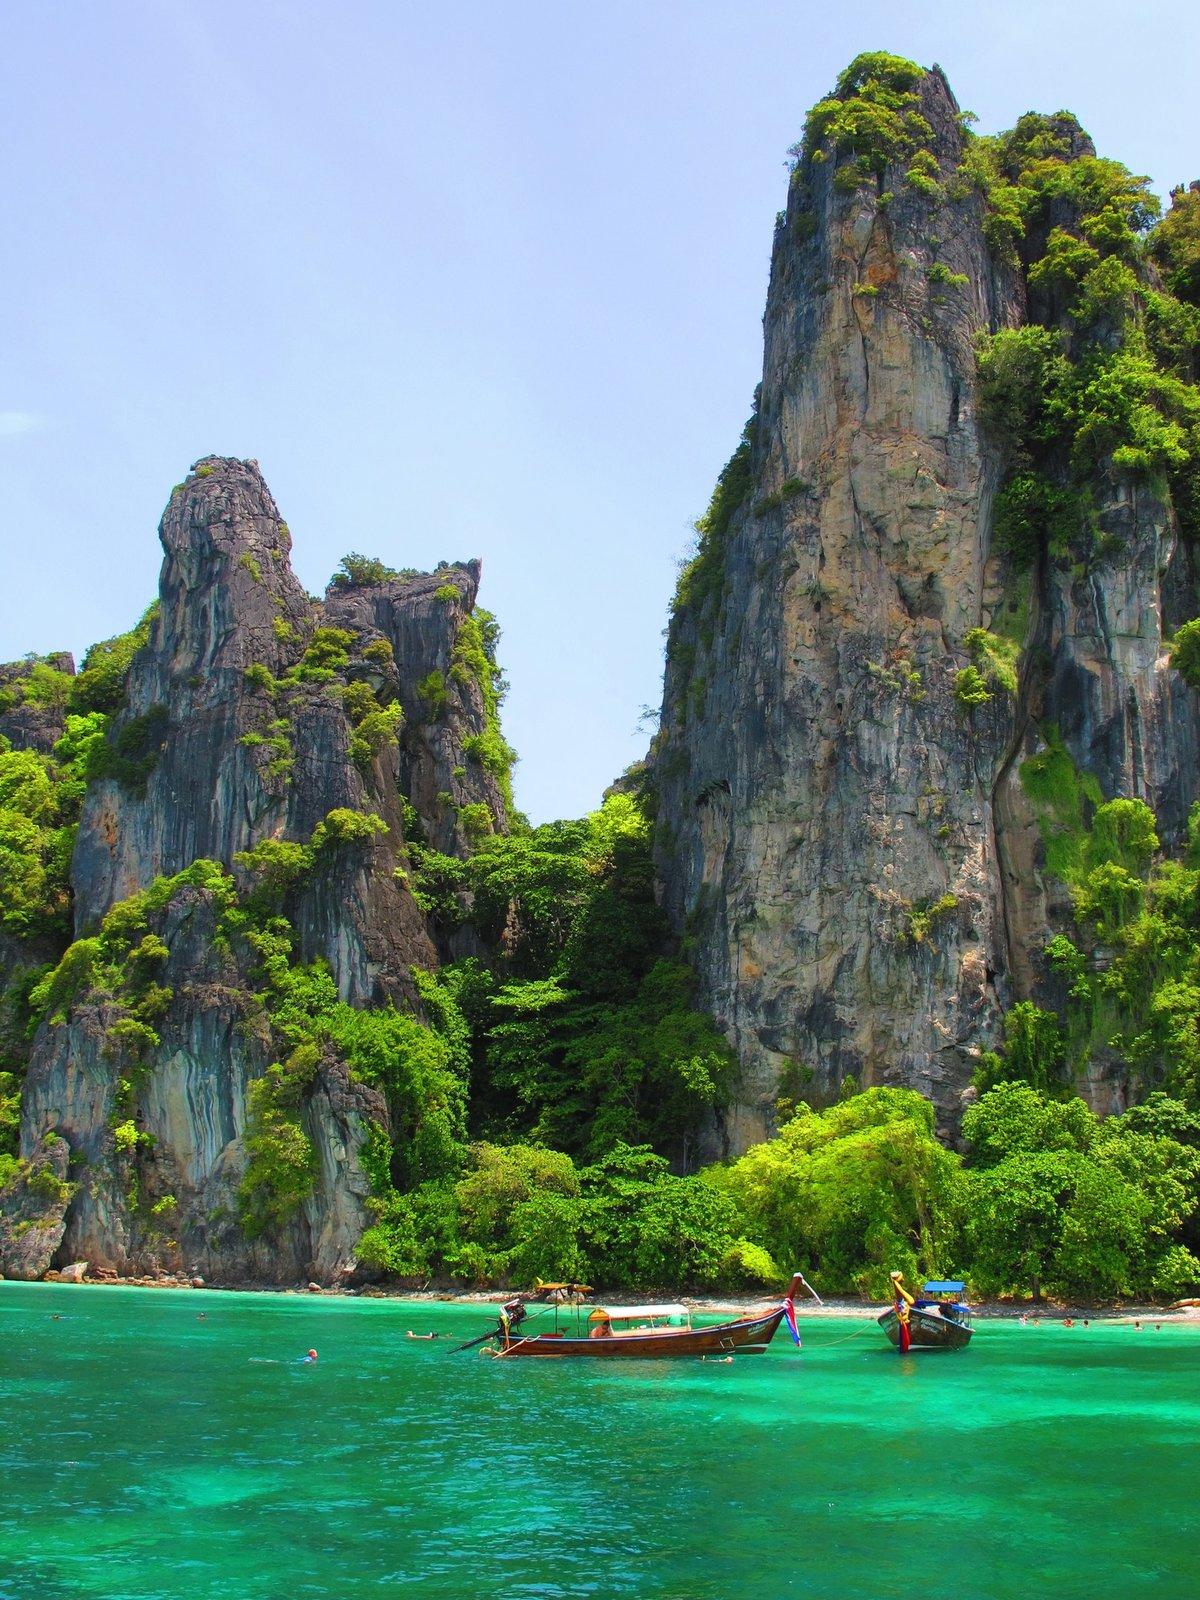 том, таиланд пхукет фотографии что каждый день